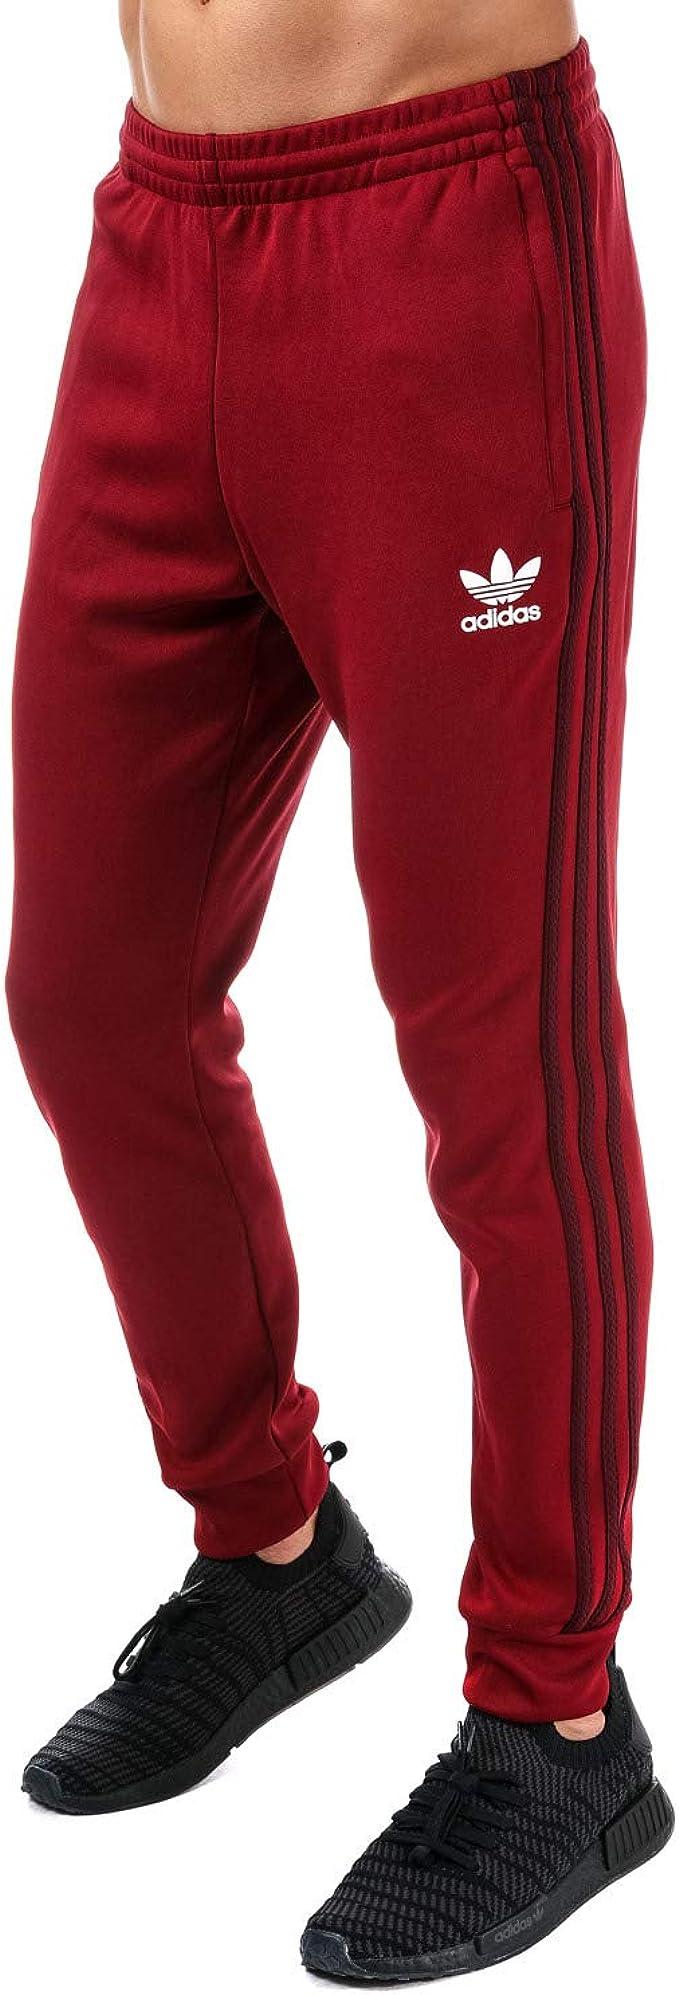 adidas - Chándal - para Hombre Rojo Granate 27-32: Amazon.es ...